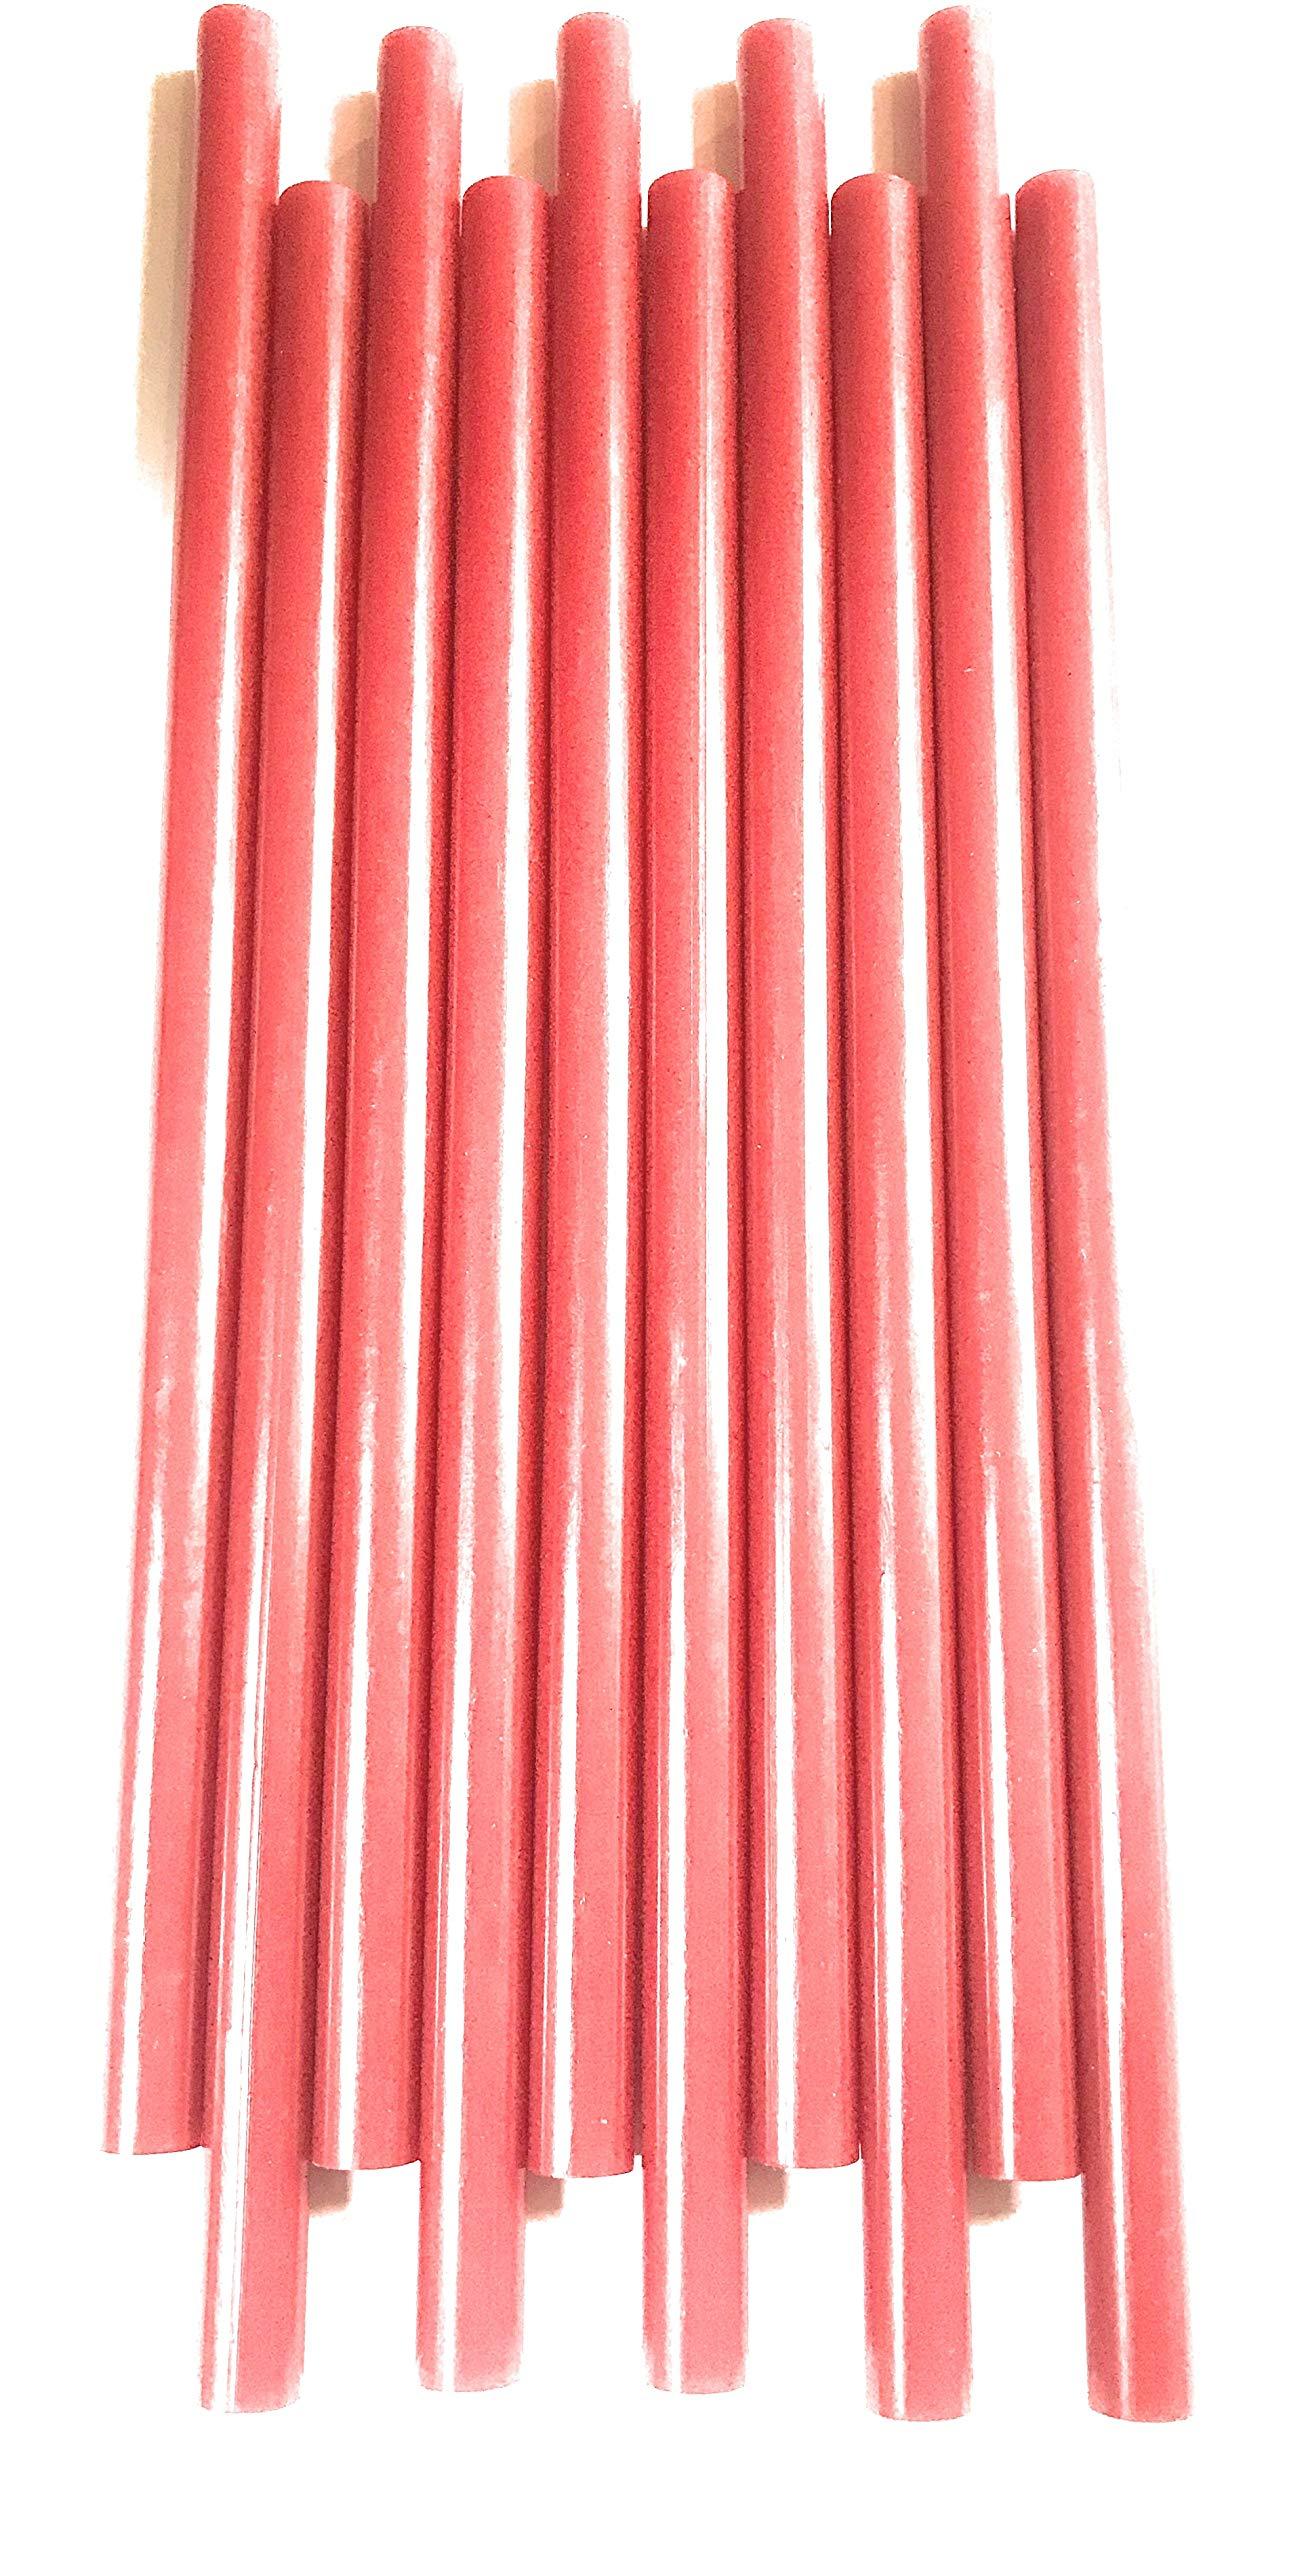 TOP Secret PDR SUMMER RED GLUE 10'' long 7/16'' Diameter HOT GLUE STICKS